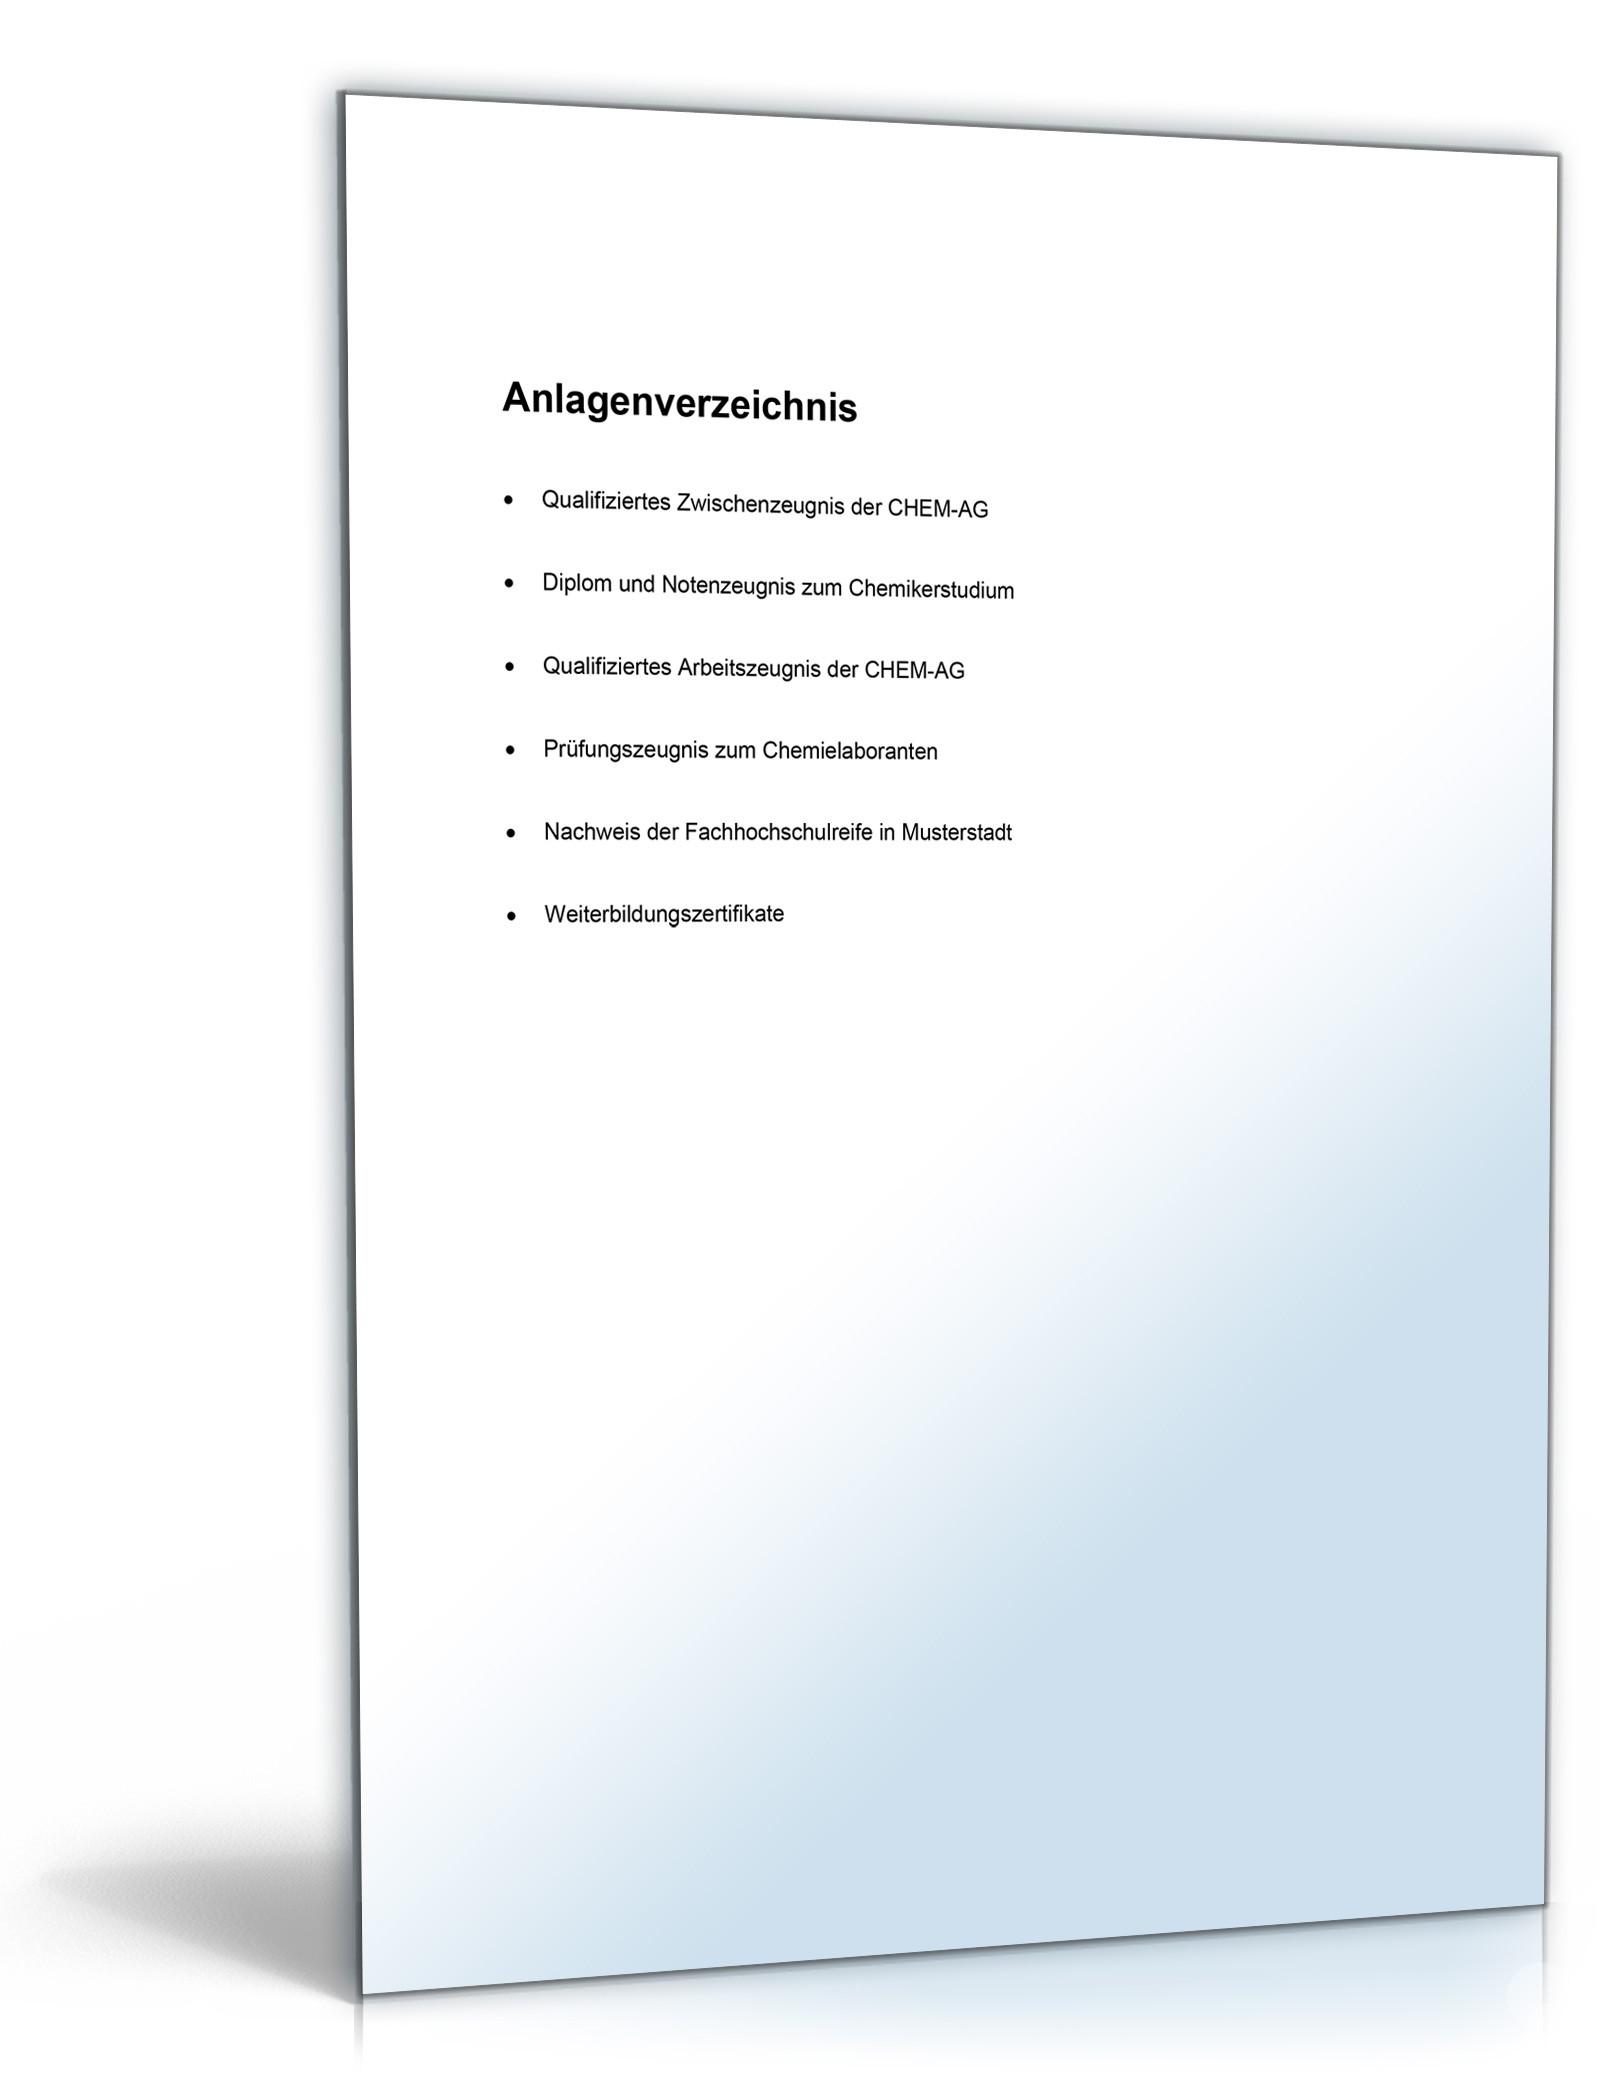 Gemütlich Chemiker Lebenslauf Pdf Fotos - Beispielzusammenfassung ...